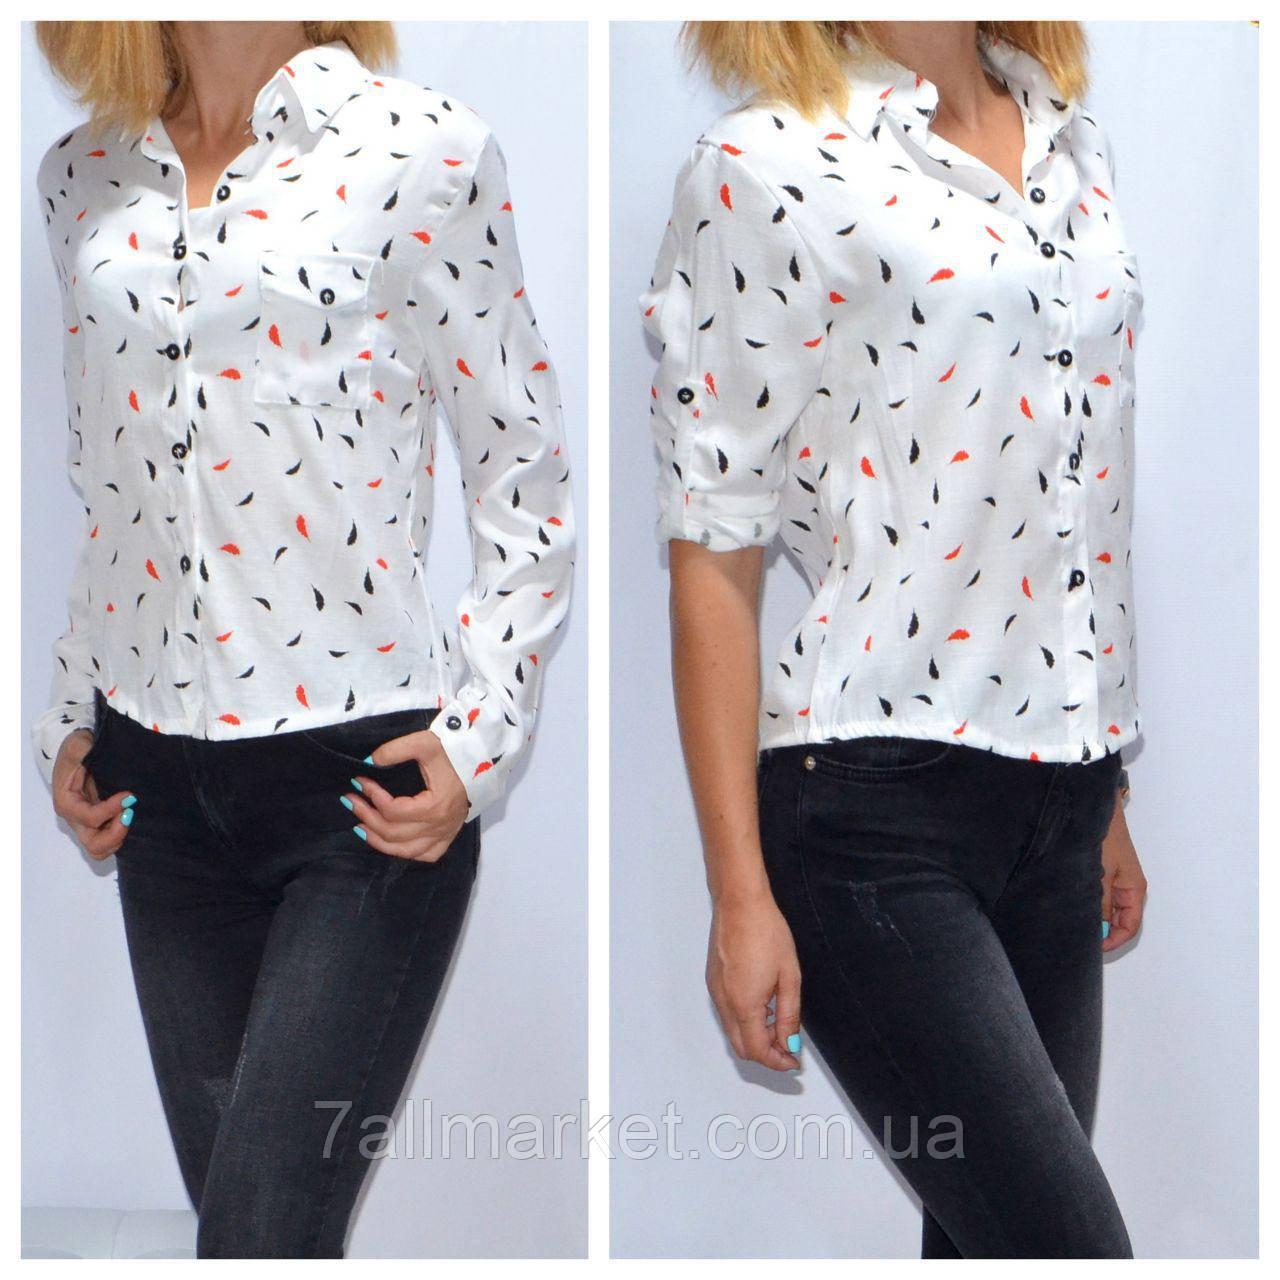 2bdcb2728f279 Рубашка женская модная с принтом размеры S-L